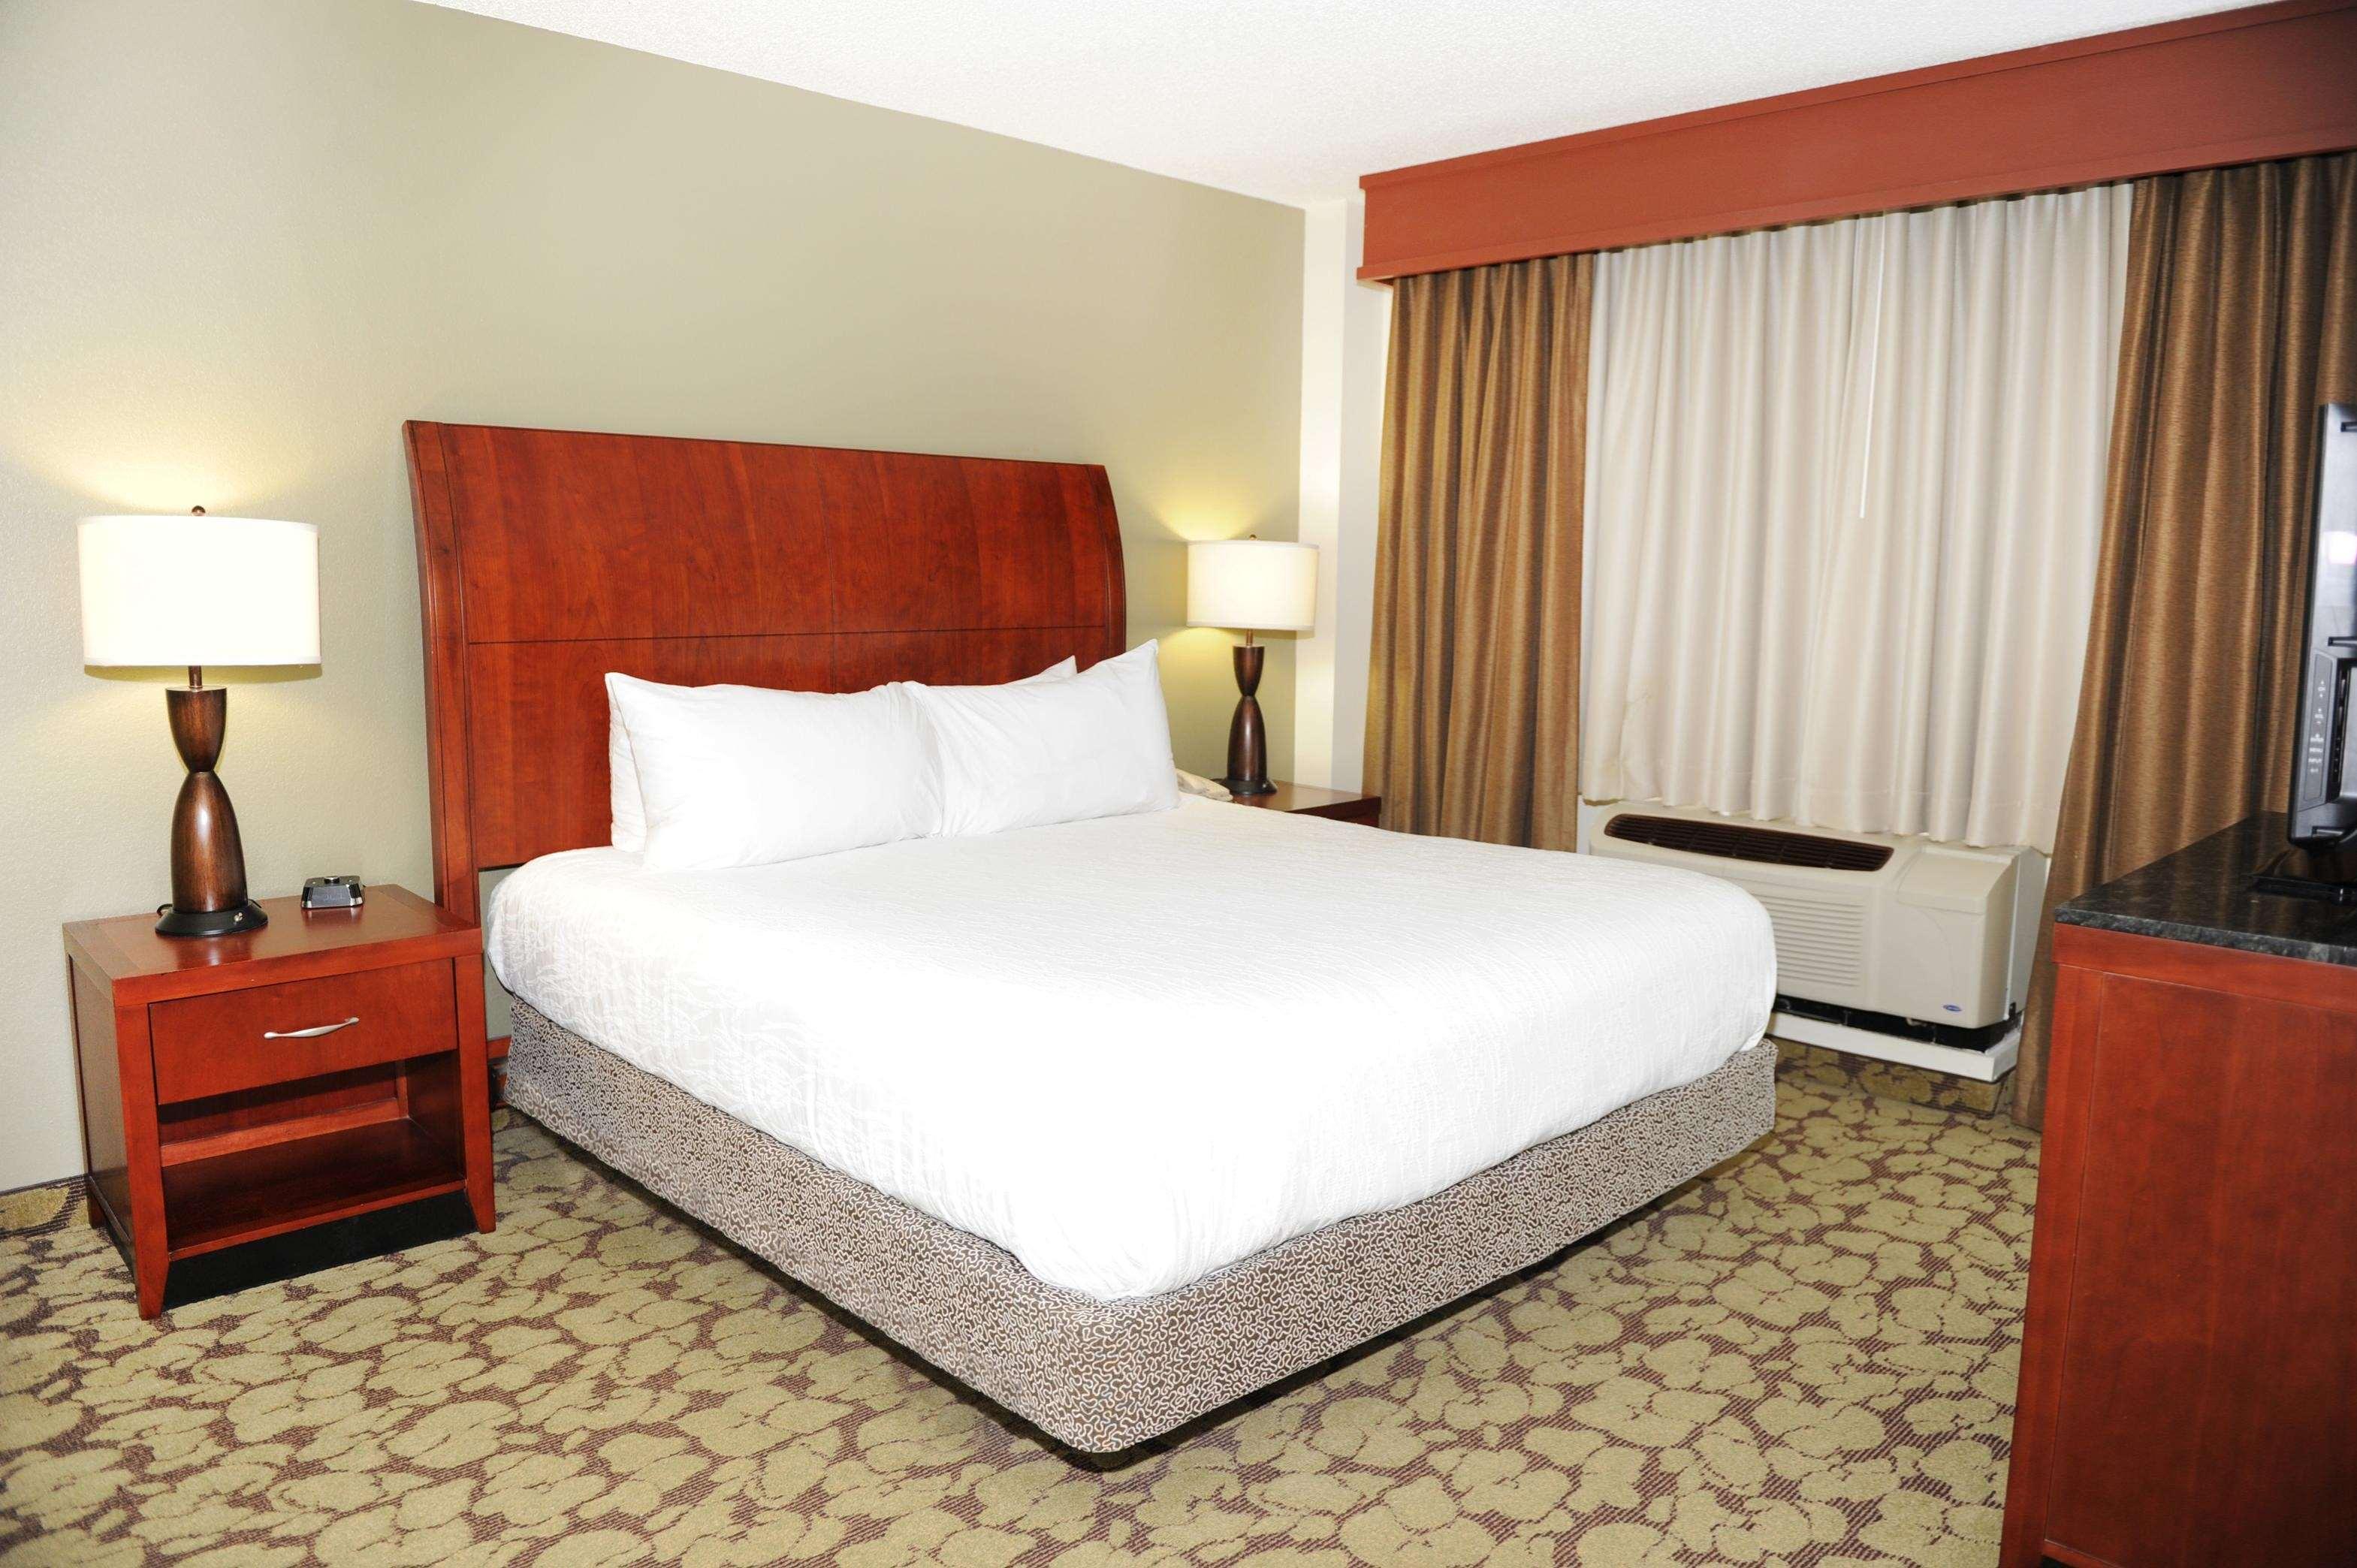 Attractive Hilton Garden Inn West Monroe 400 Mane Street West Monroe, LA Hotels U0026  Motels   MapQuest